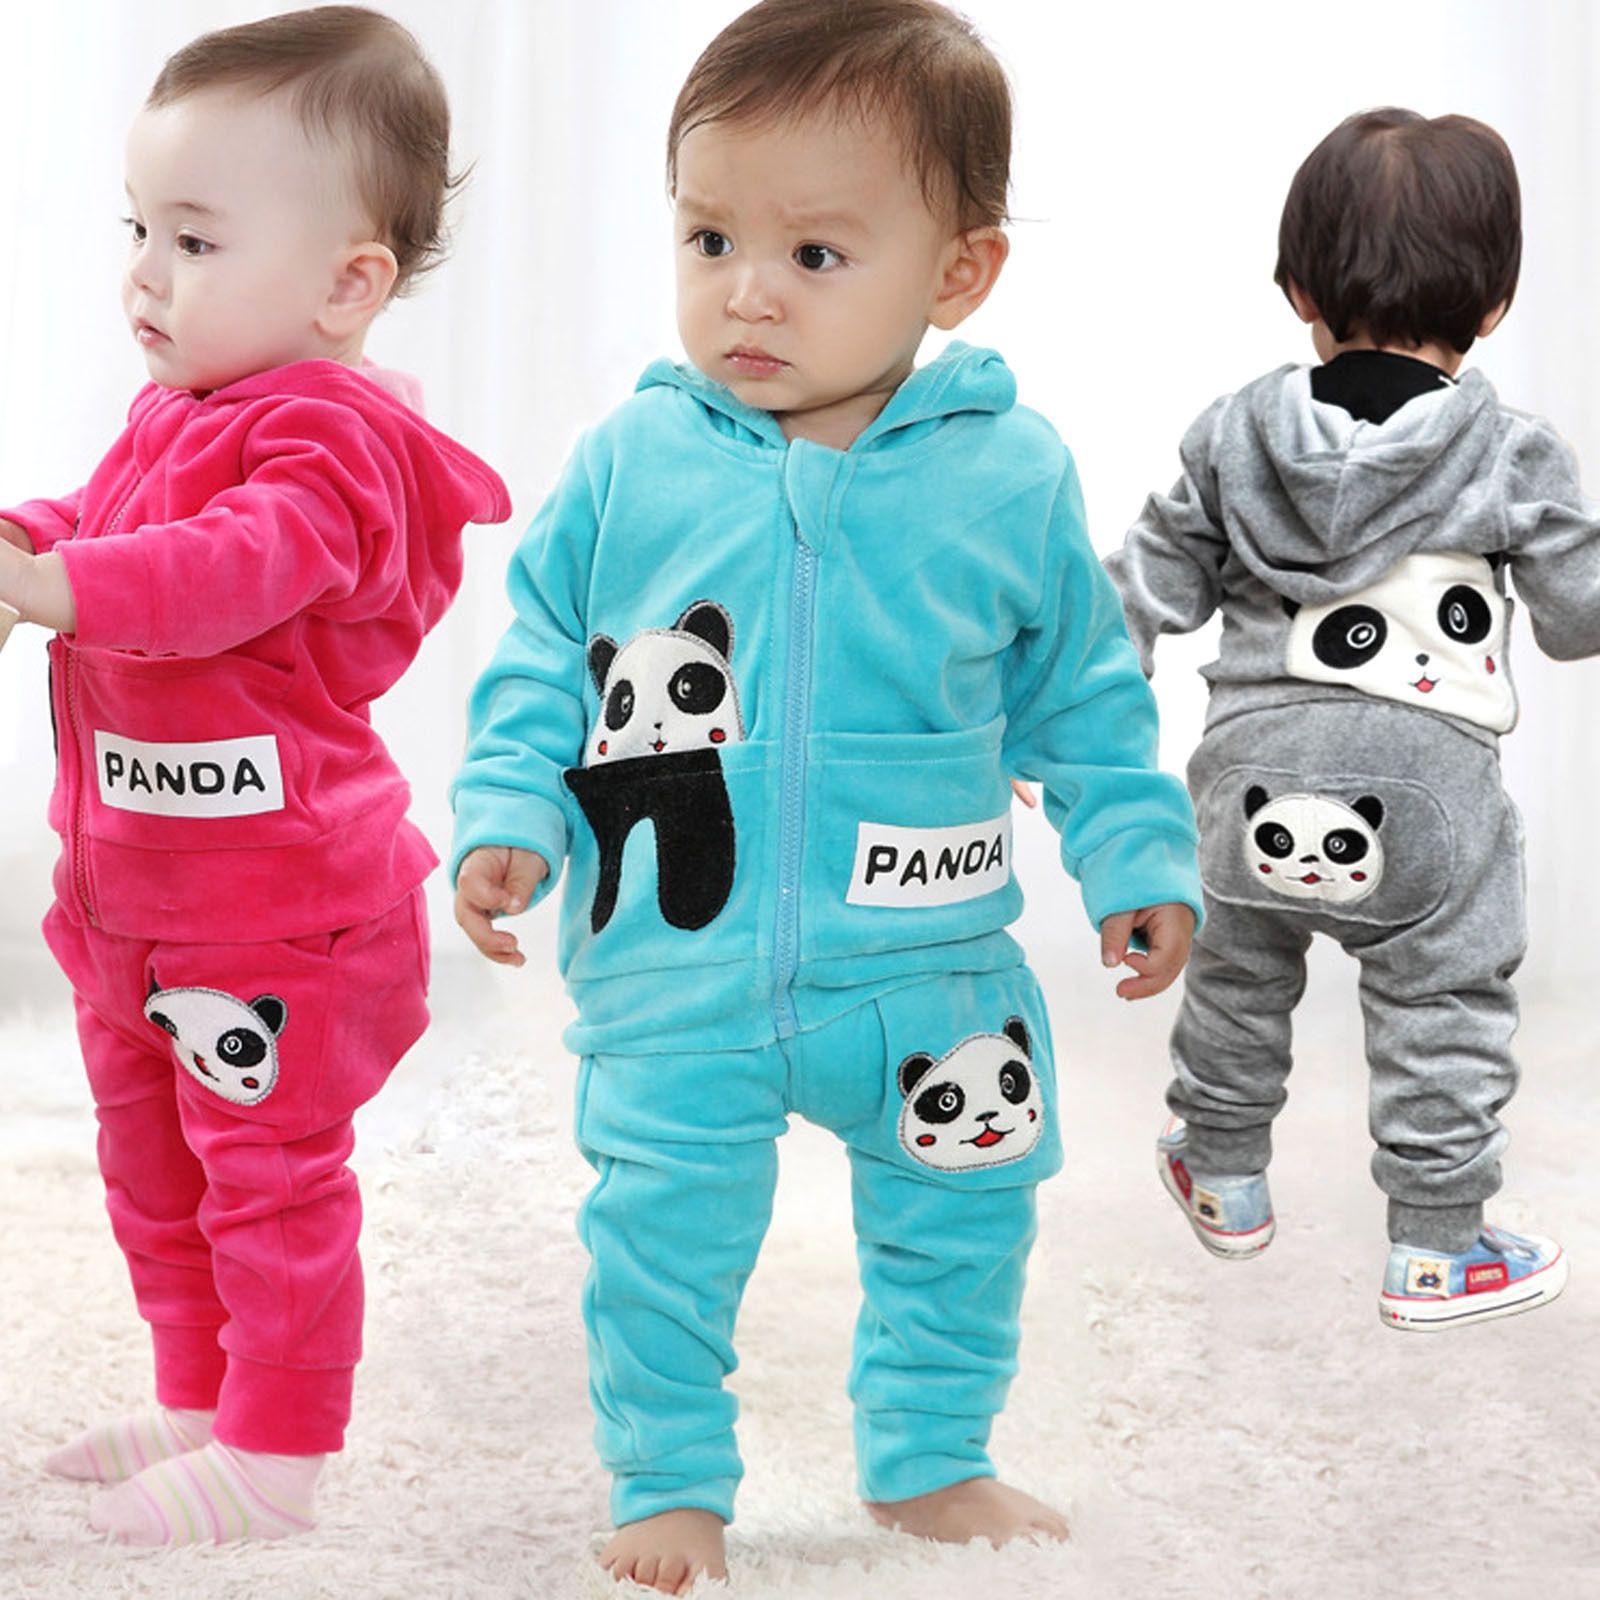 بالصور احلى ملابس الاطفال , اجمل واحلى ملابس الاطفال 11732 4